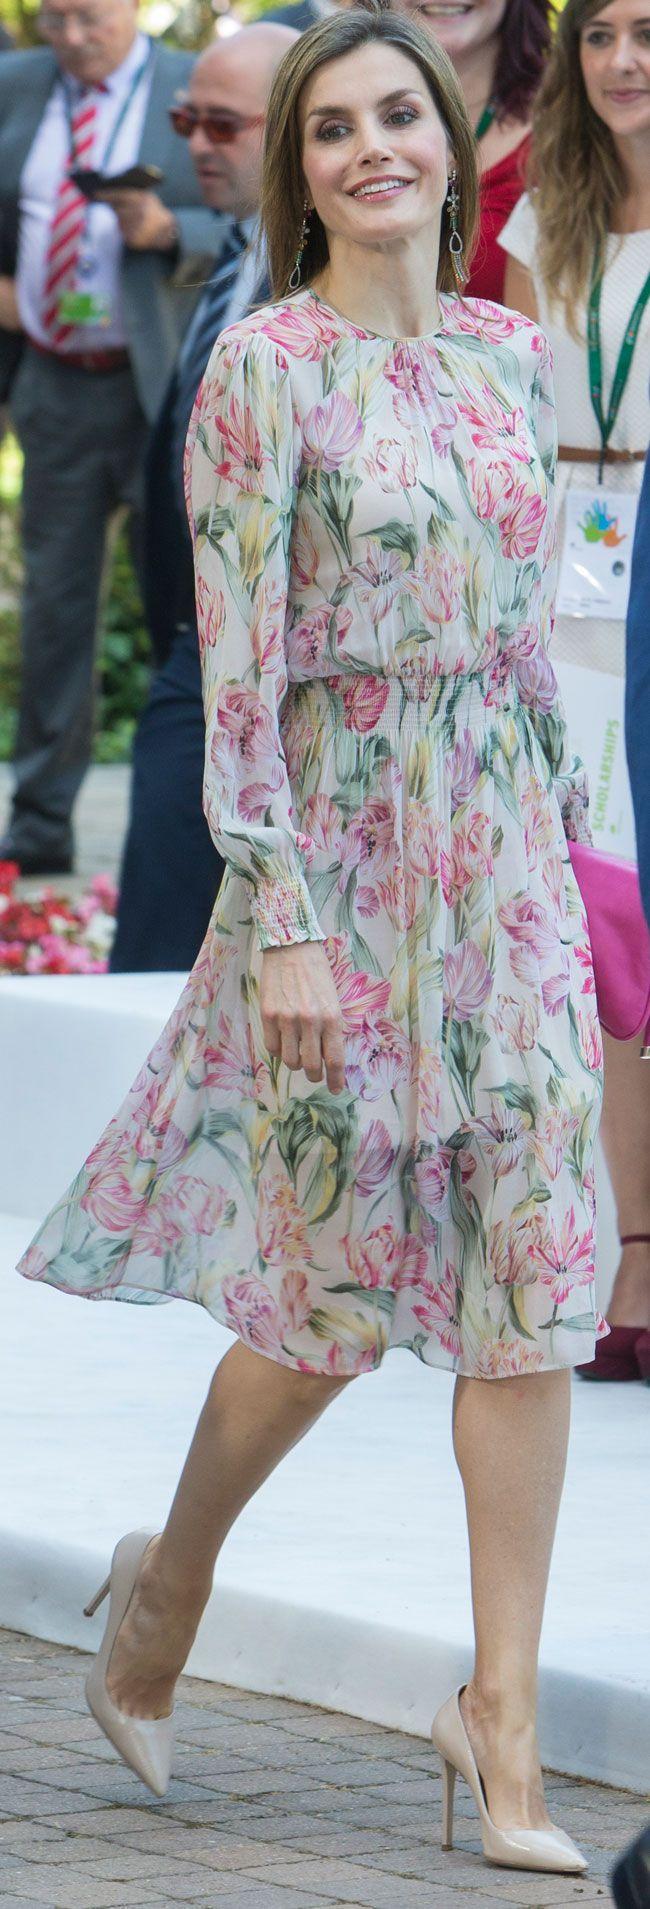 Los Reyes han entregado en Madrid las Becas para Másteres y Ayudas a la Investigación de la Fundación Iberdrola, con las que apoyan la investigación en energía y medioambiente. Y al tono del tema ha sorprendido Doña Letizia vistiendo un vaporoso vestido de flores.05.07.2016